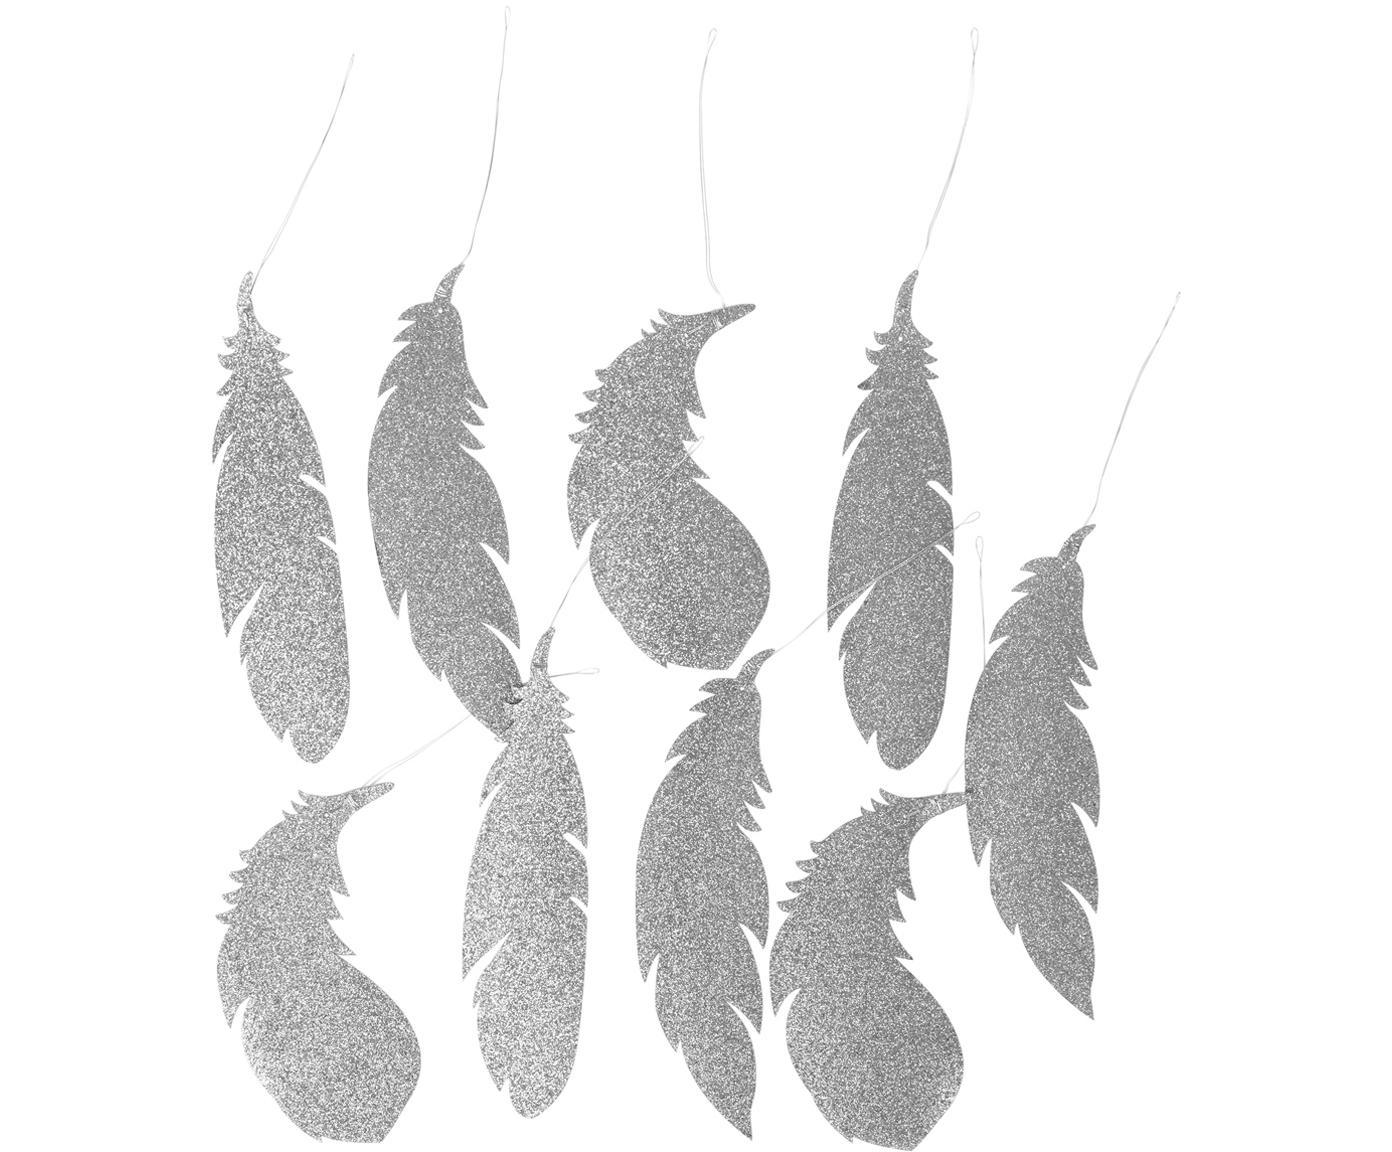 Baumanhänger Feder, 9 Stück, Glitzerpapier, Silberfarben, 8 x 20 cm